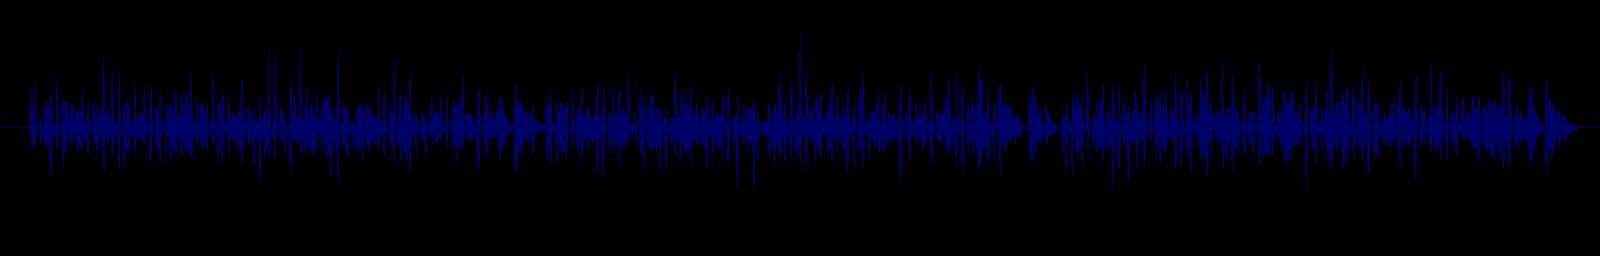 waveform of track #159132